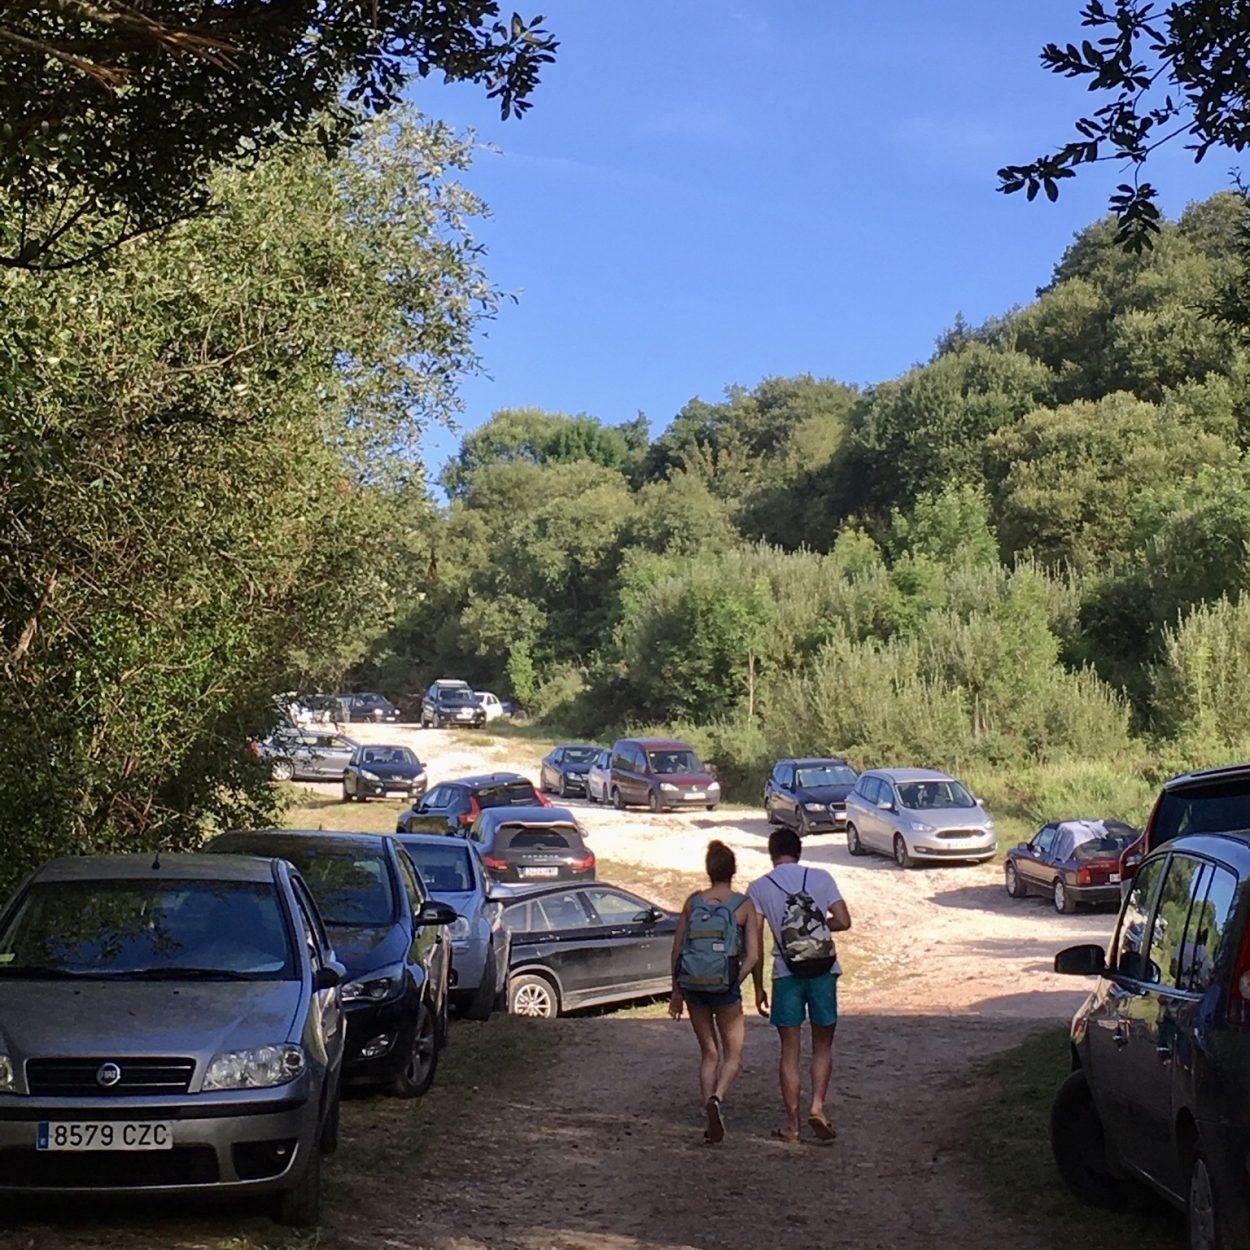 Los carteles de la autovía informarán sobre cualquier corte en el acceso a la riosellana playa de Vega